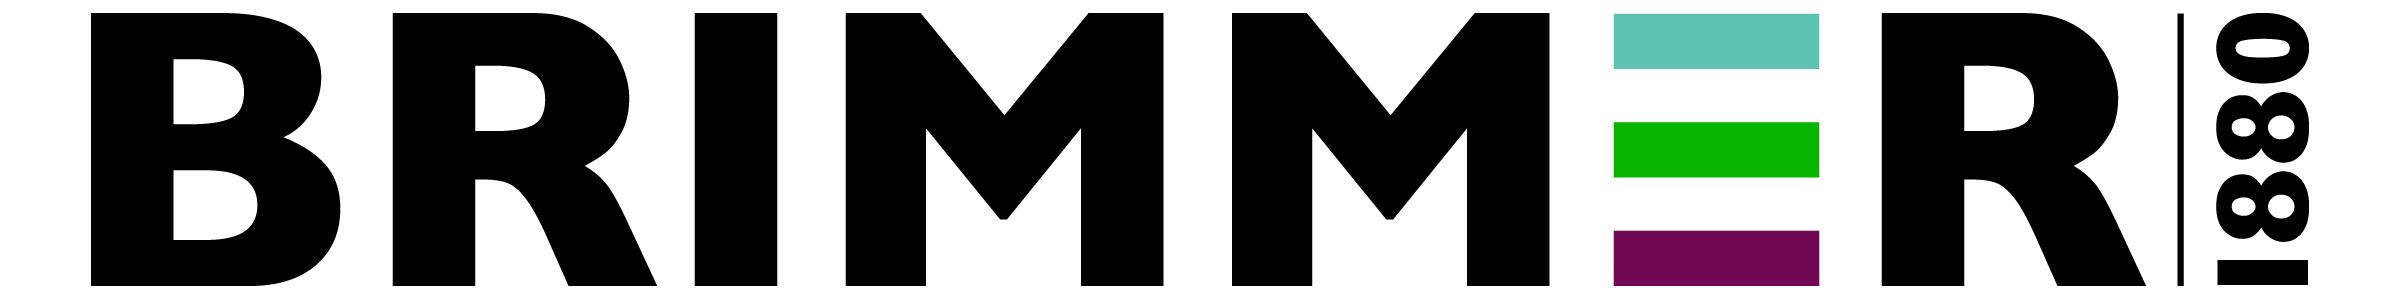 Brimmer Logo.png